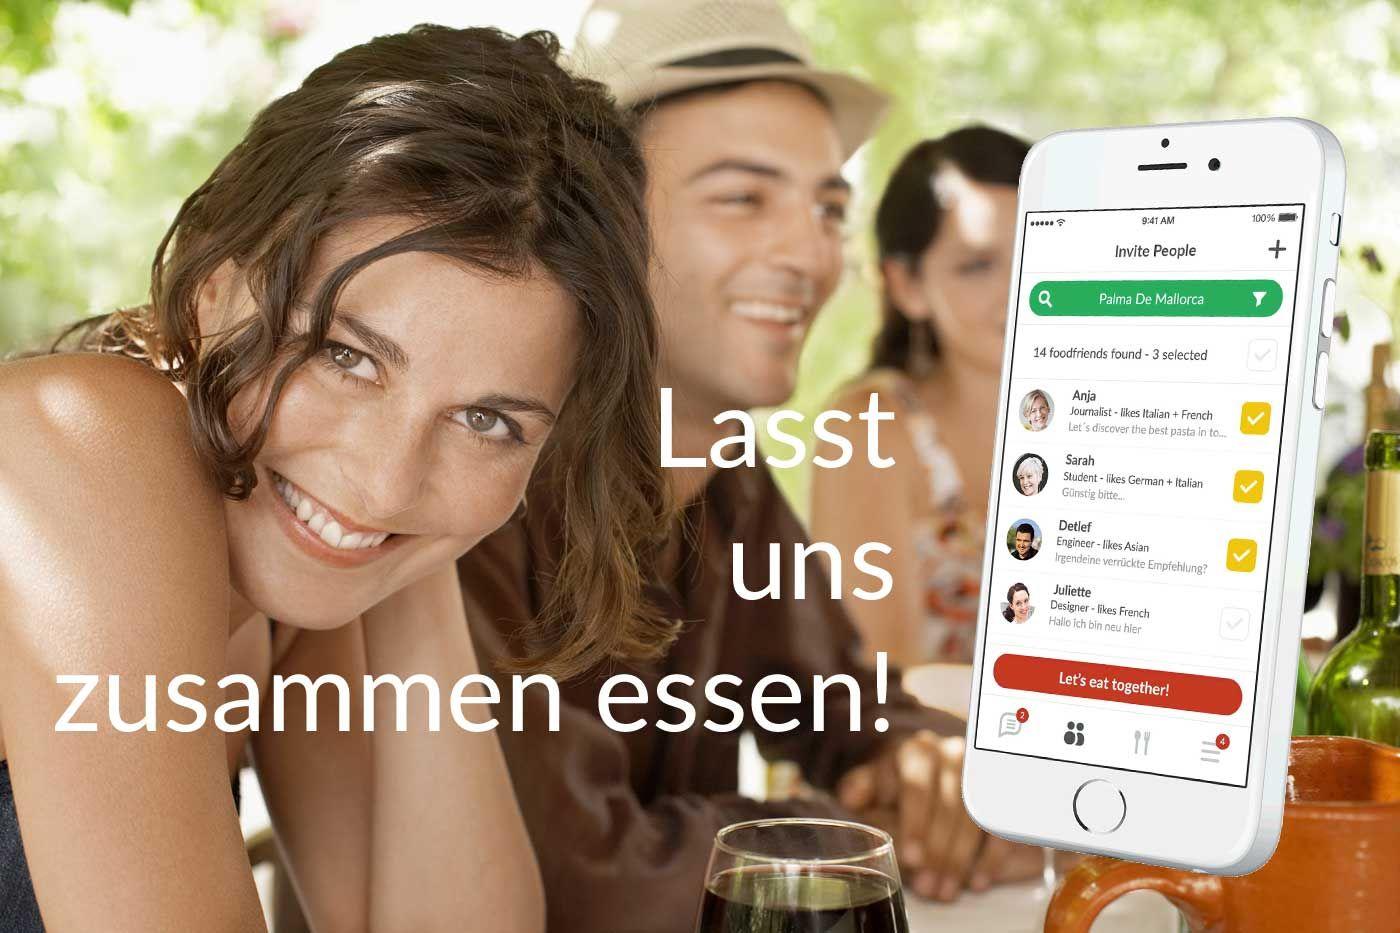 foodfriends ist eine neue App mit der man nicht nur die besten Restaurants findet, sondern auch die Leute, die man gerne mit am Tisch hätte!